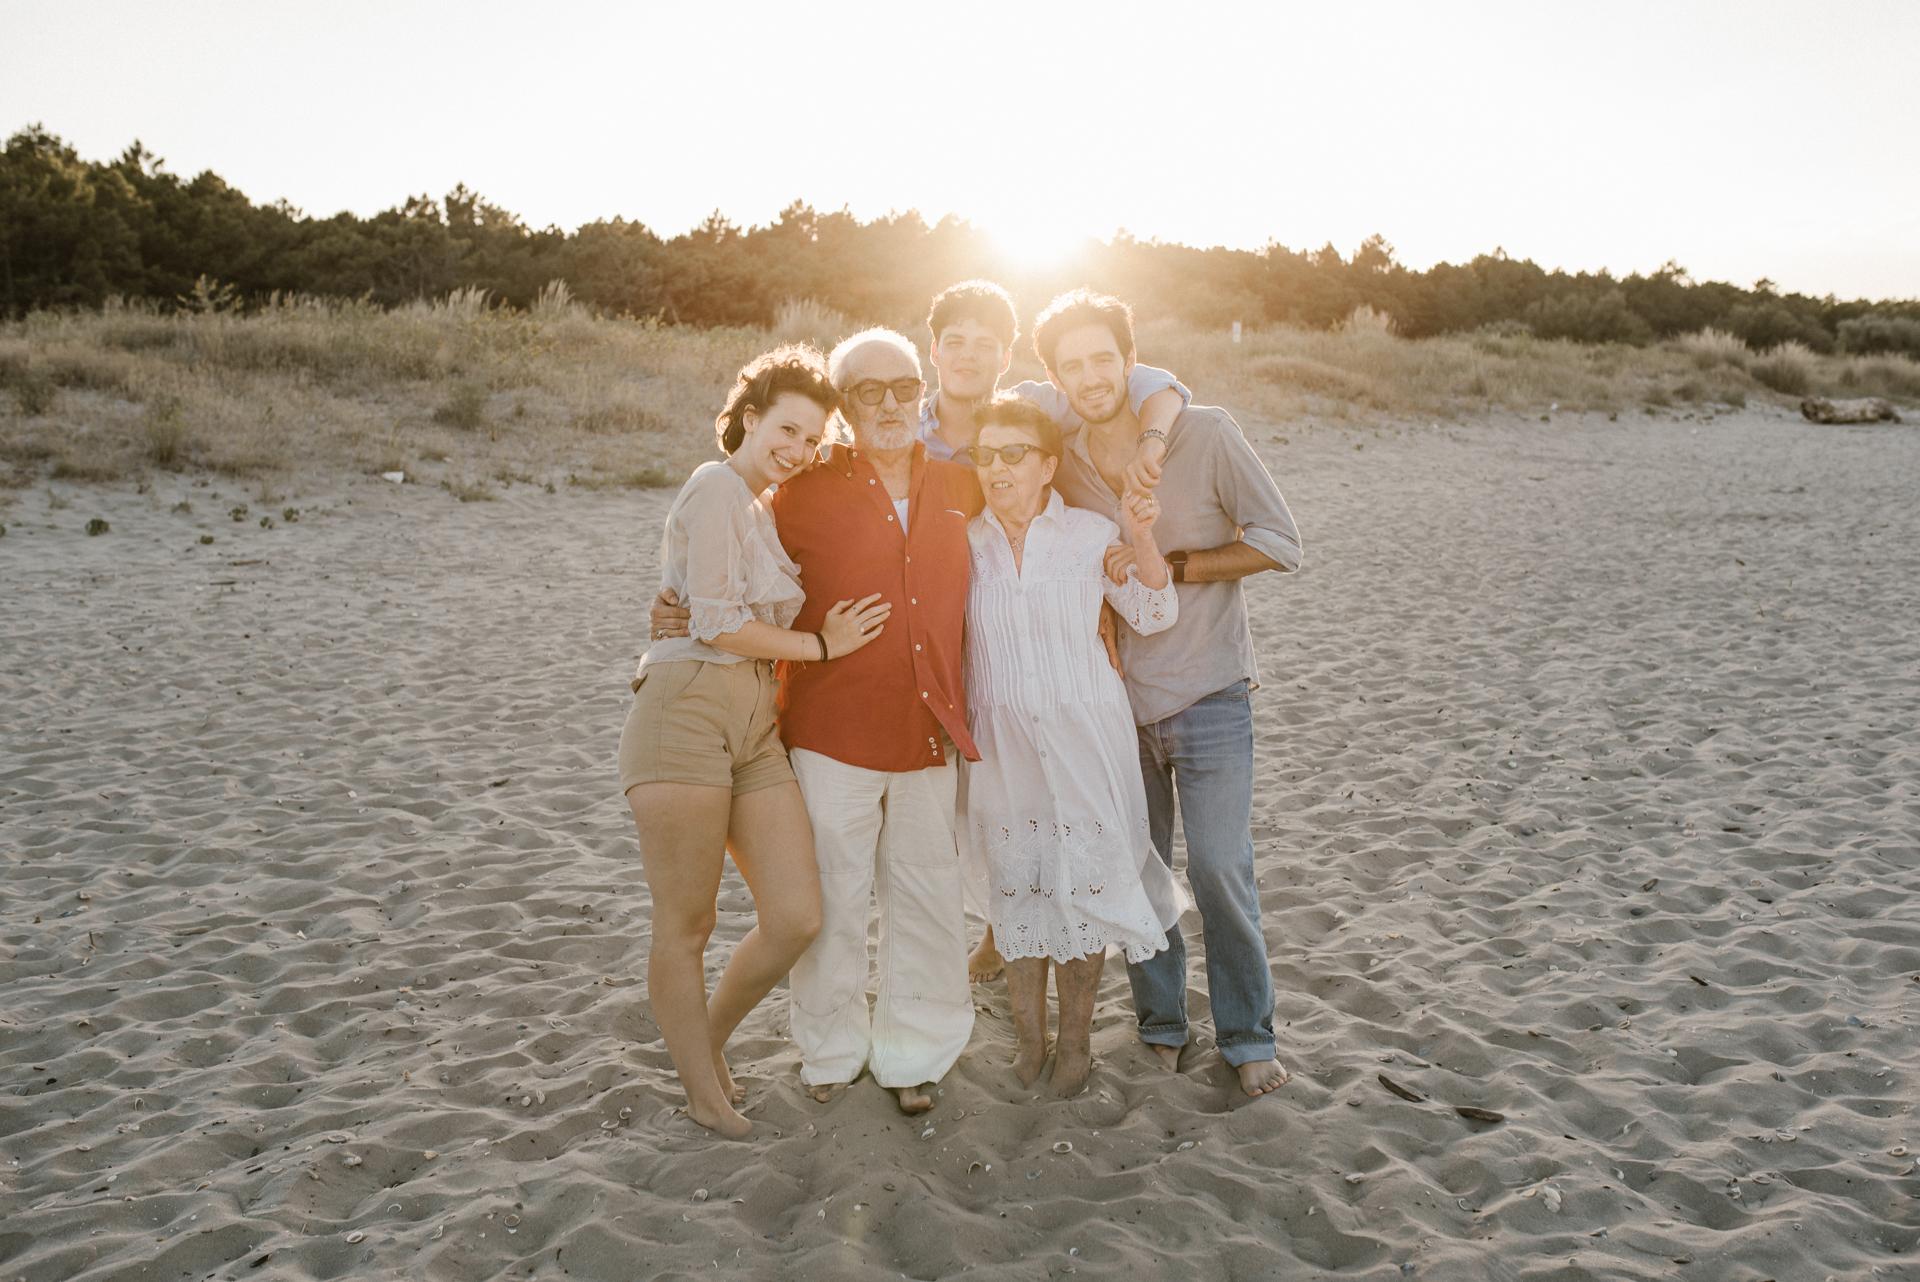 fotografa-famiglia-mare-10